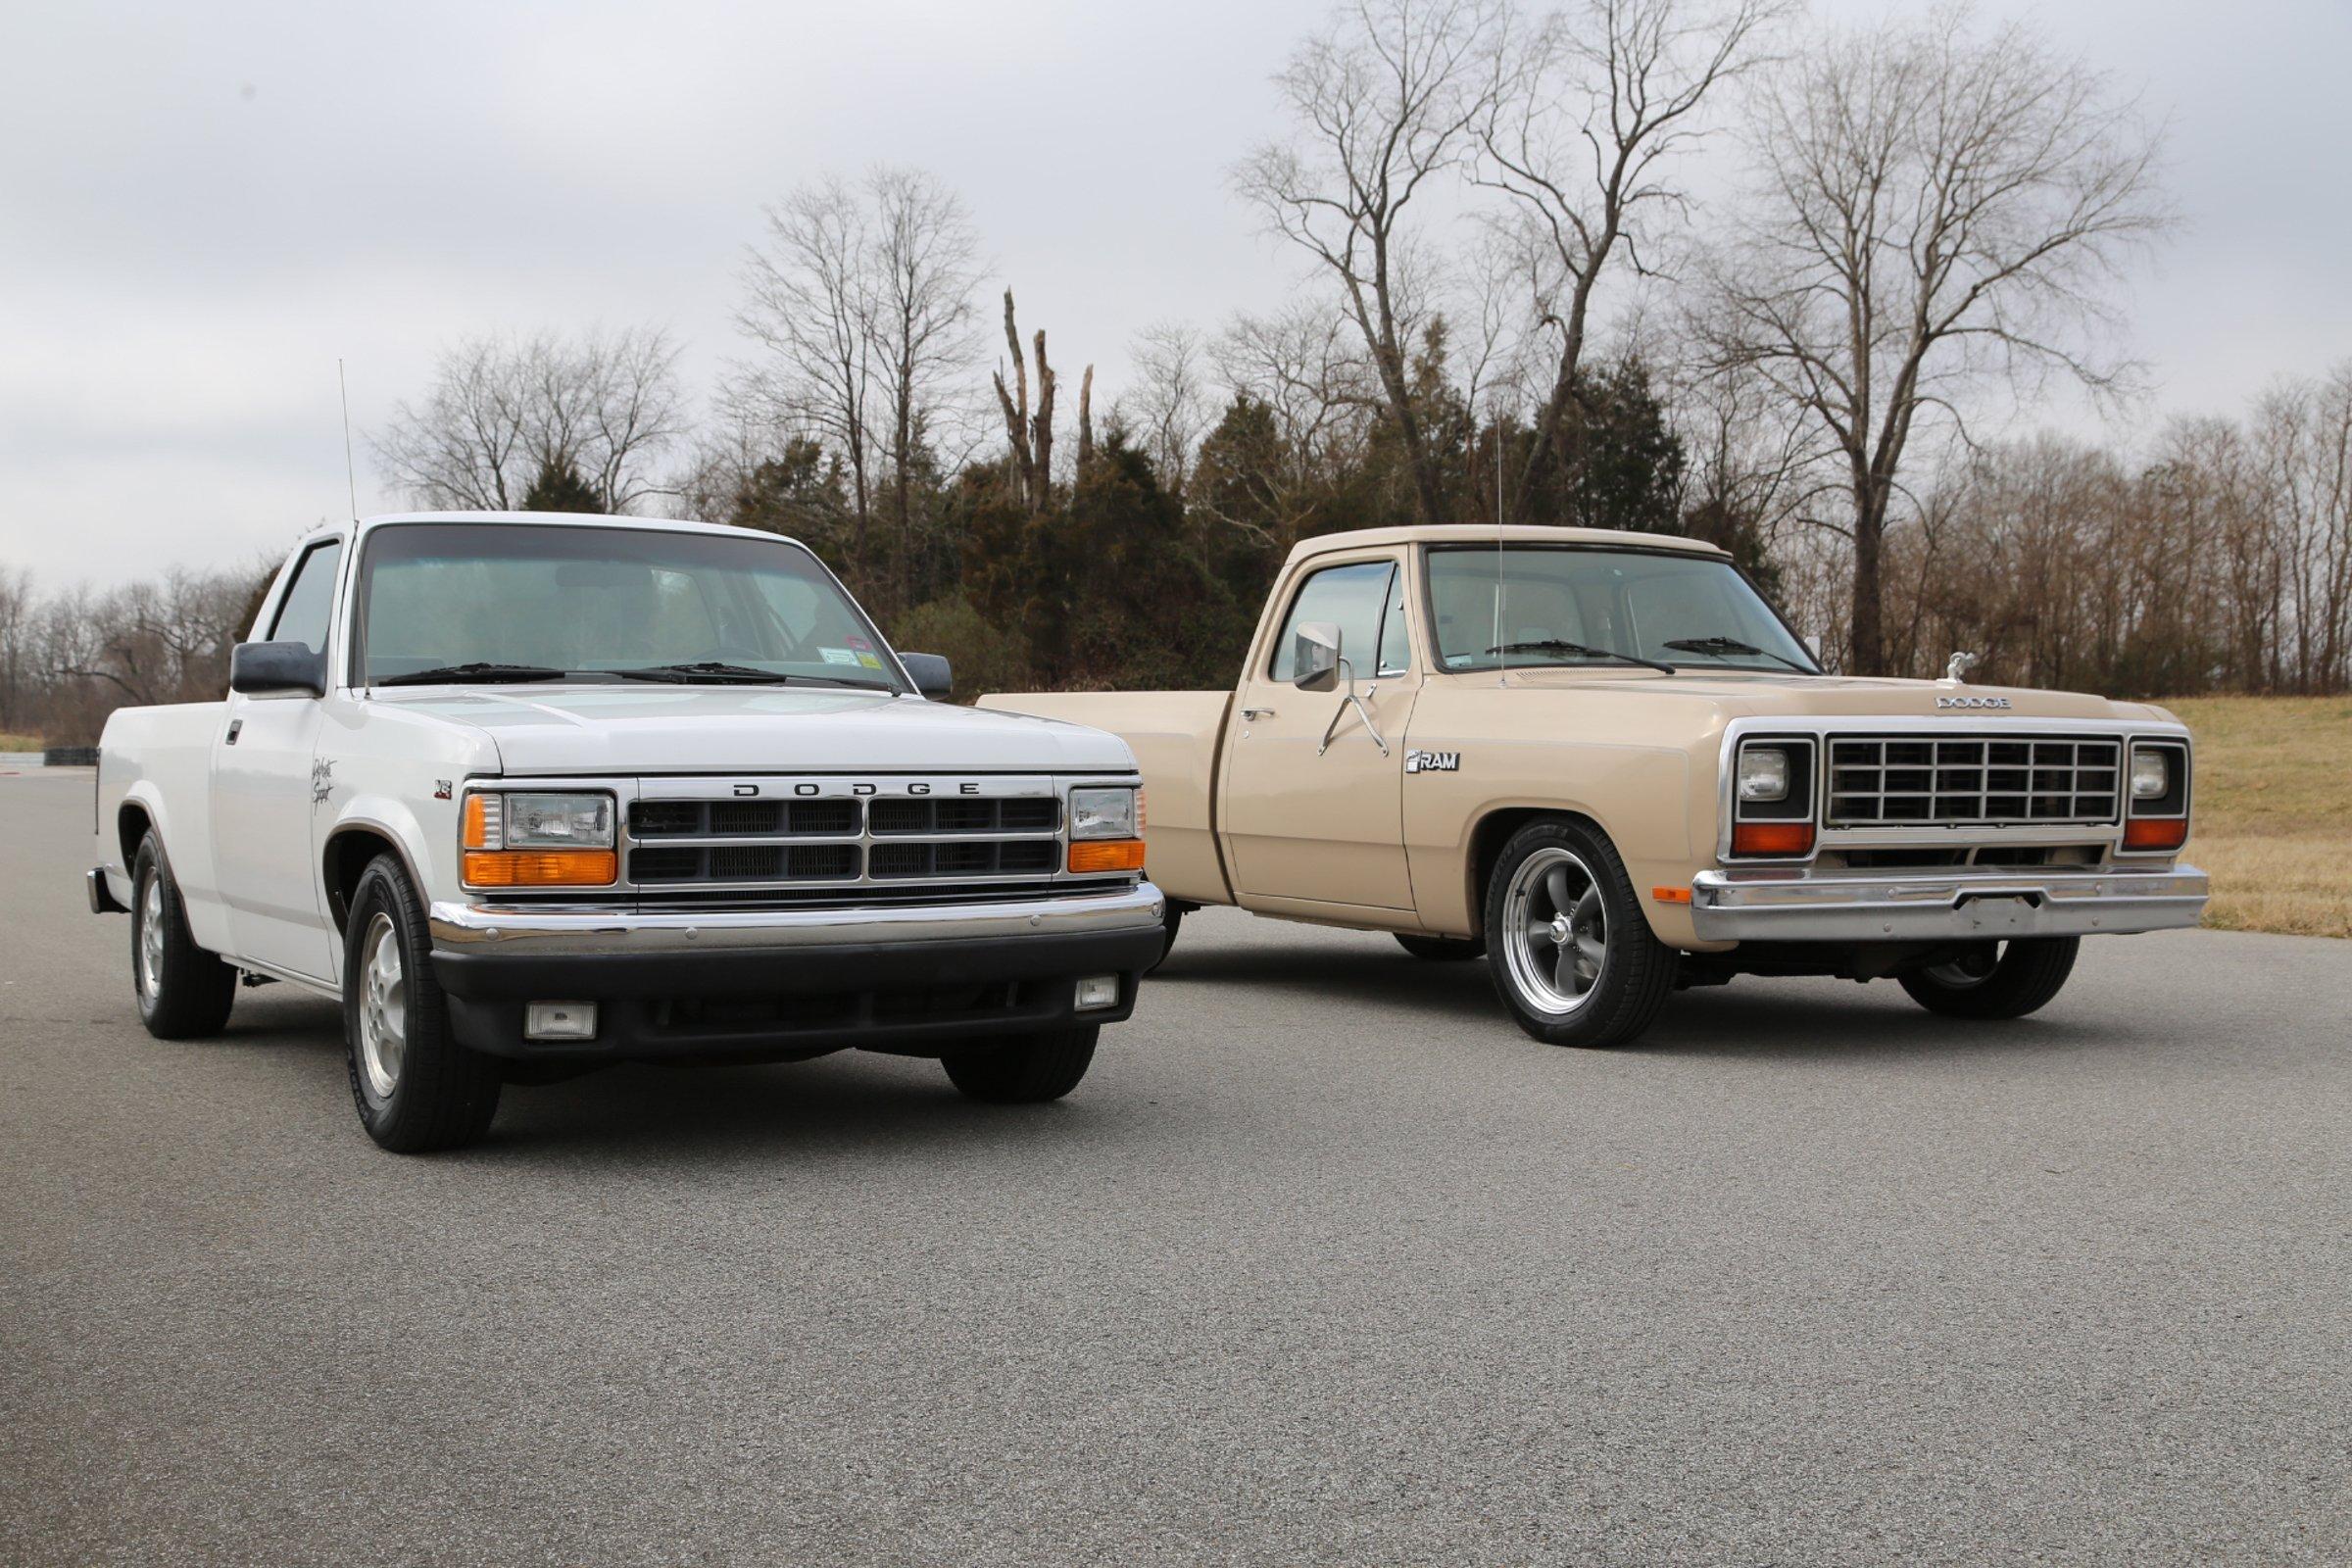 gen iii hemi powered muscle trucks